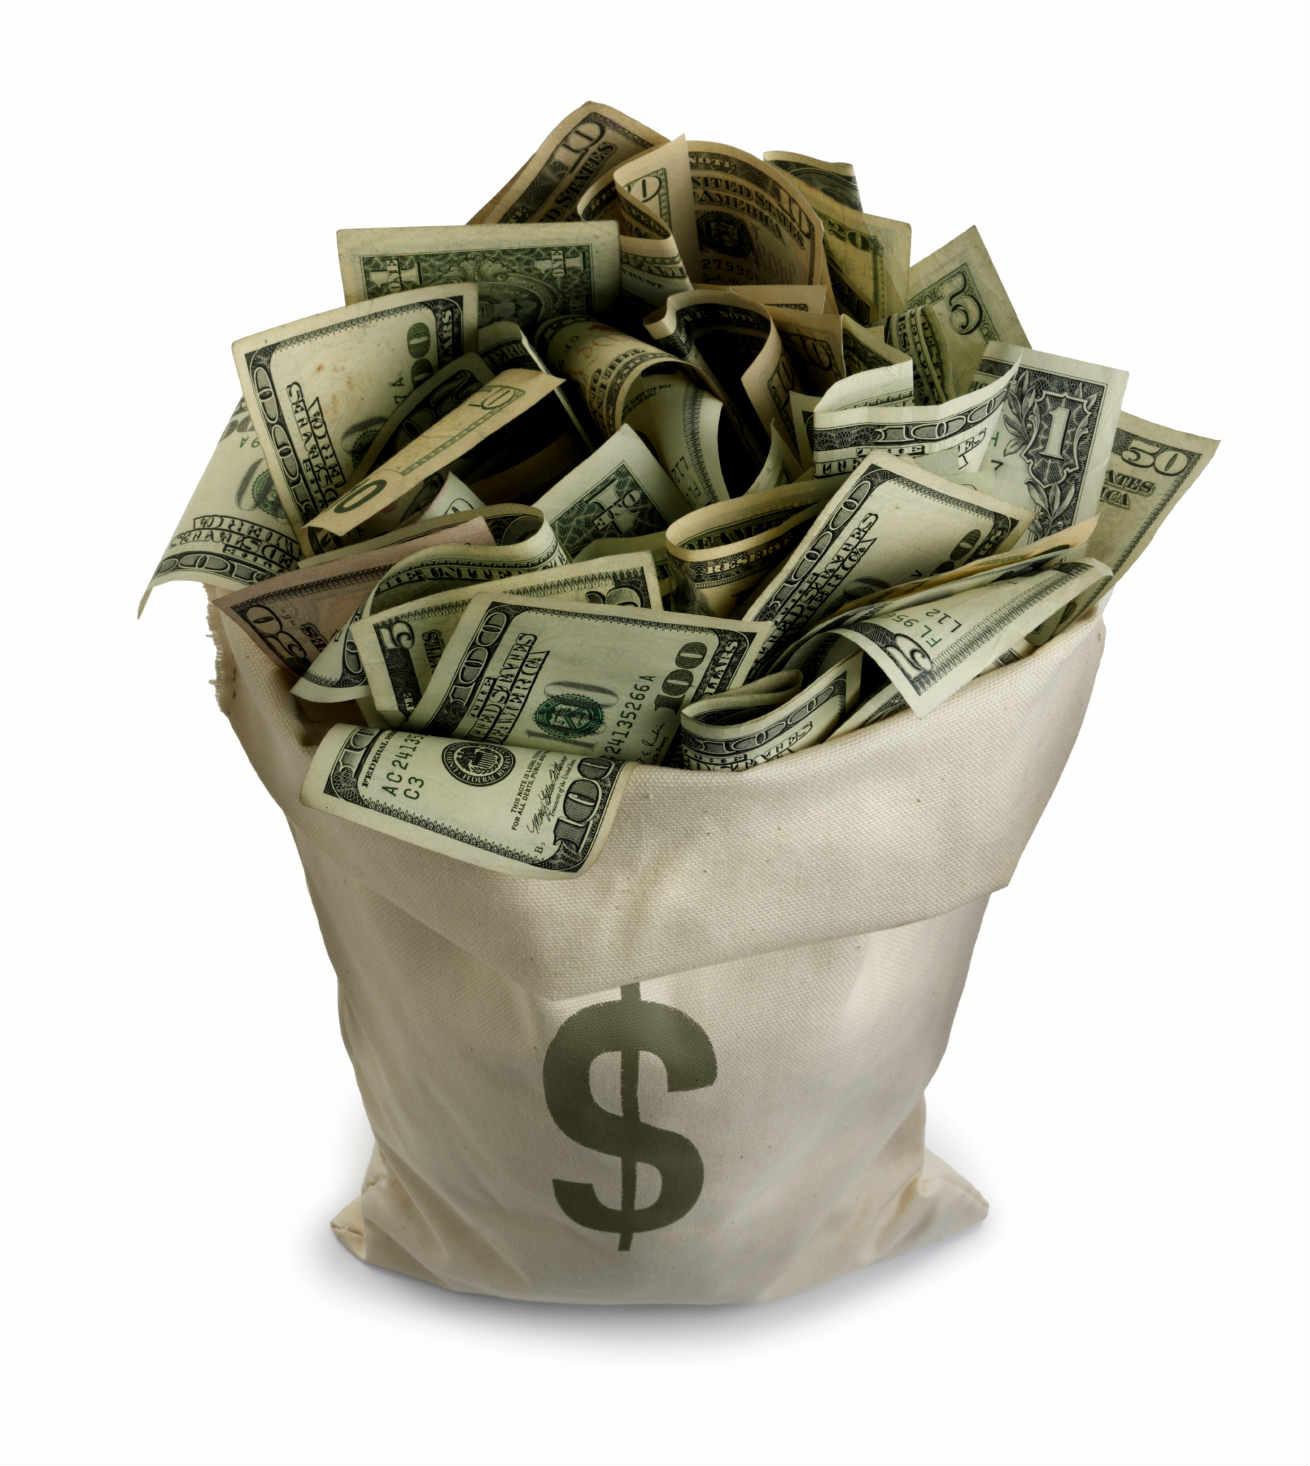 Estados Unidos dona 10 millones dólares al país para combatir el narcotráfico